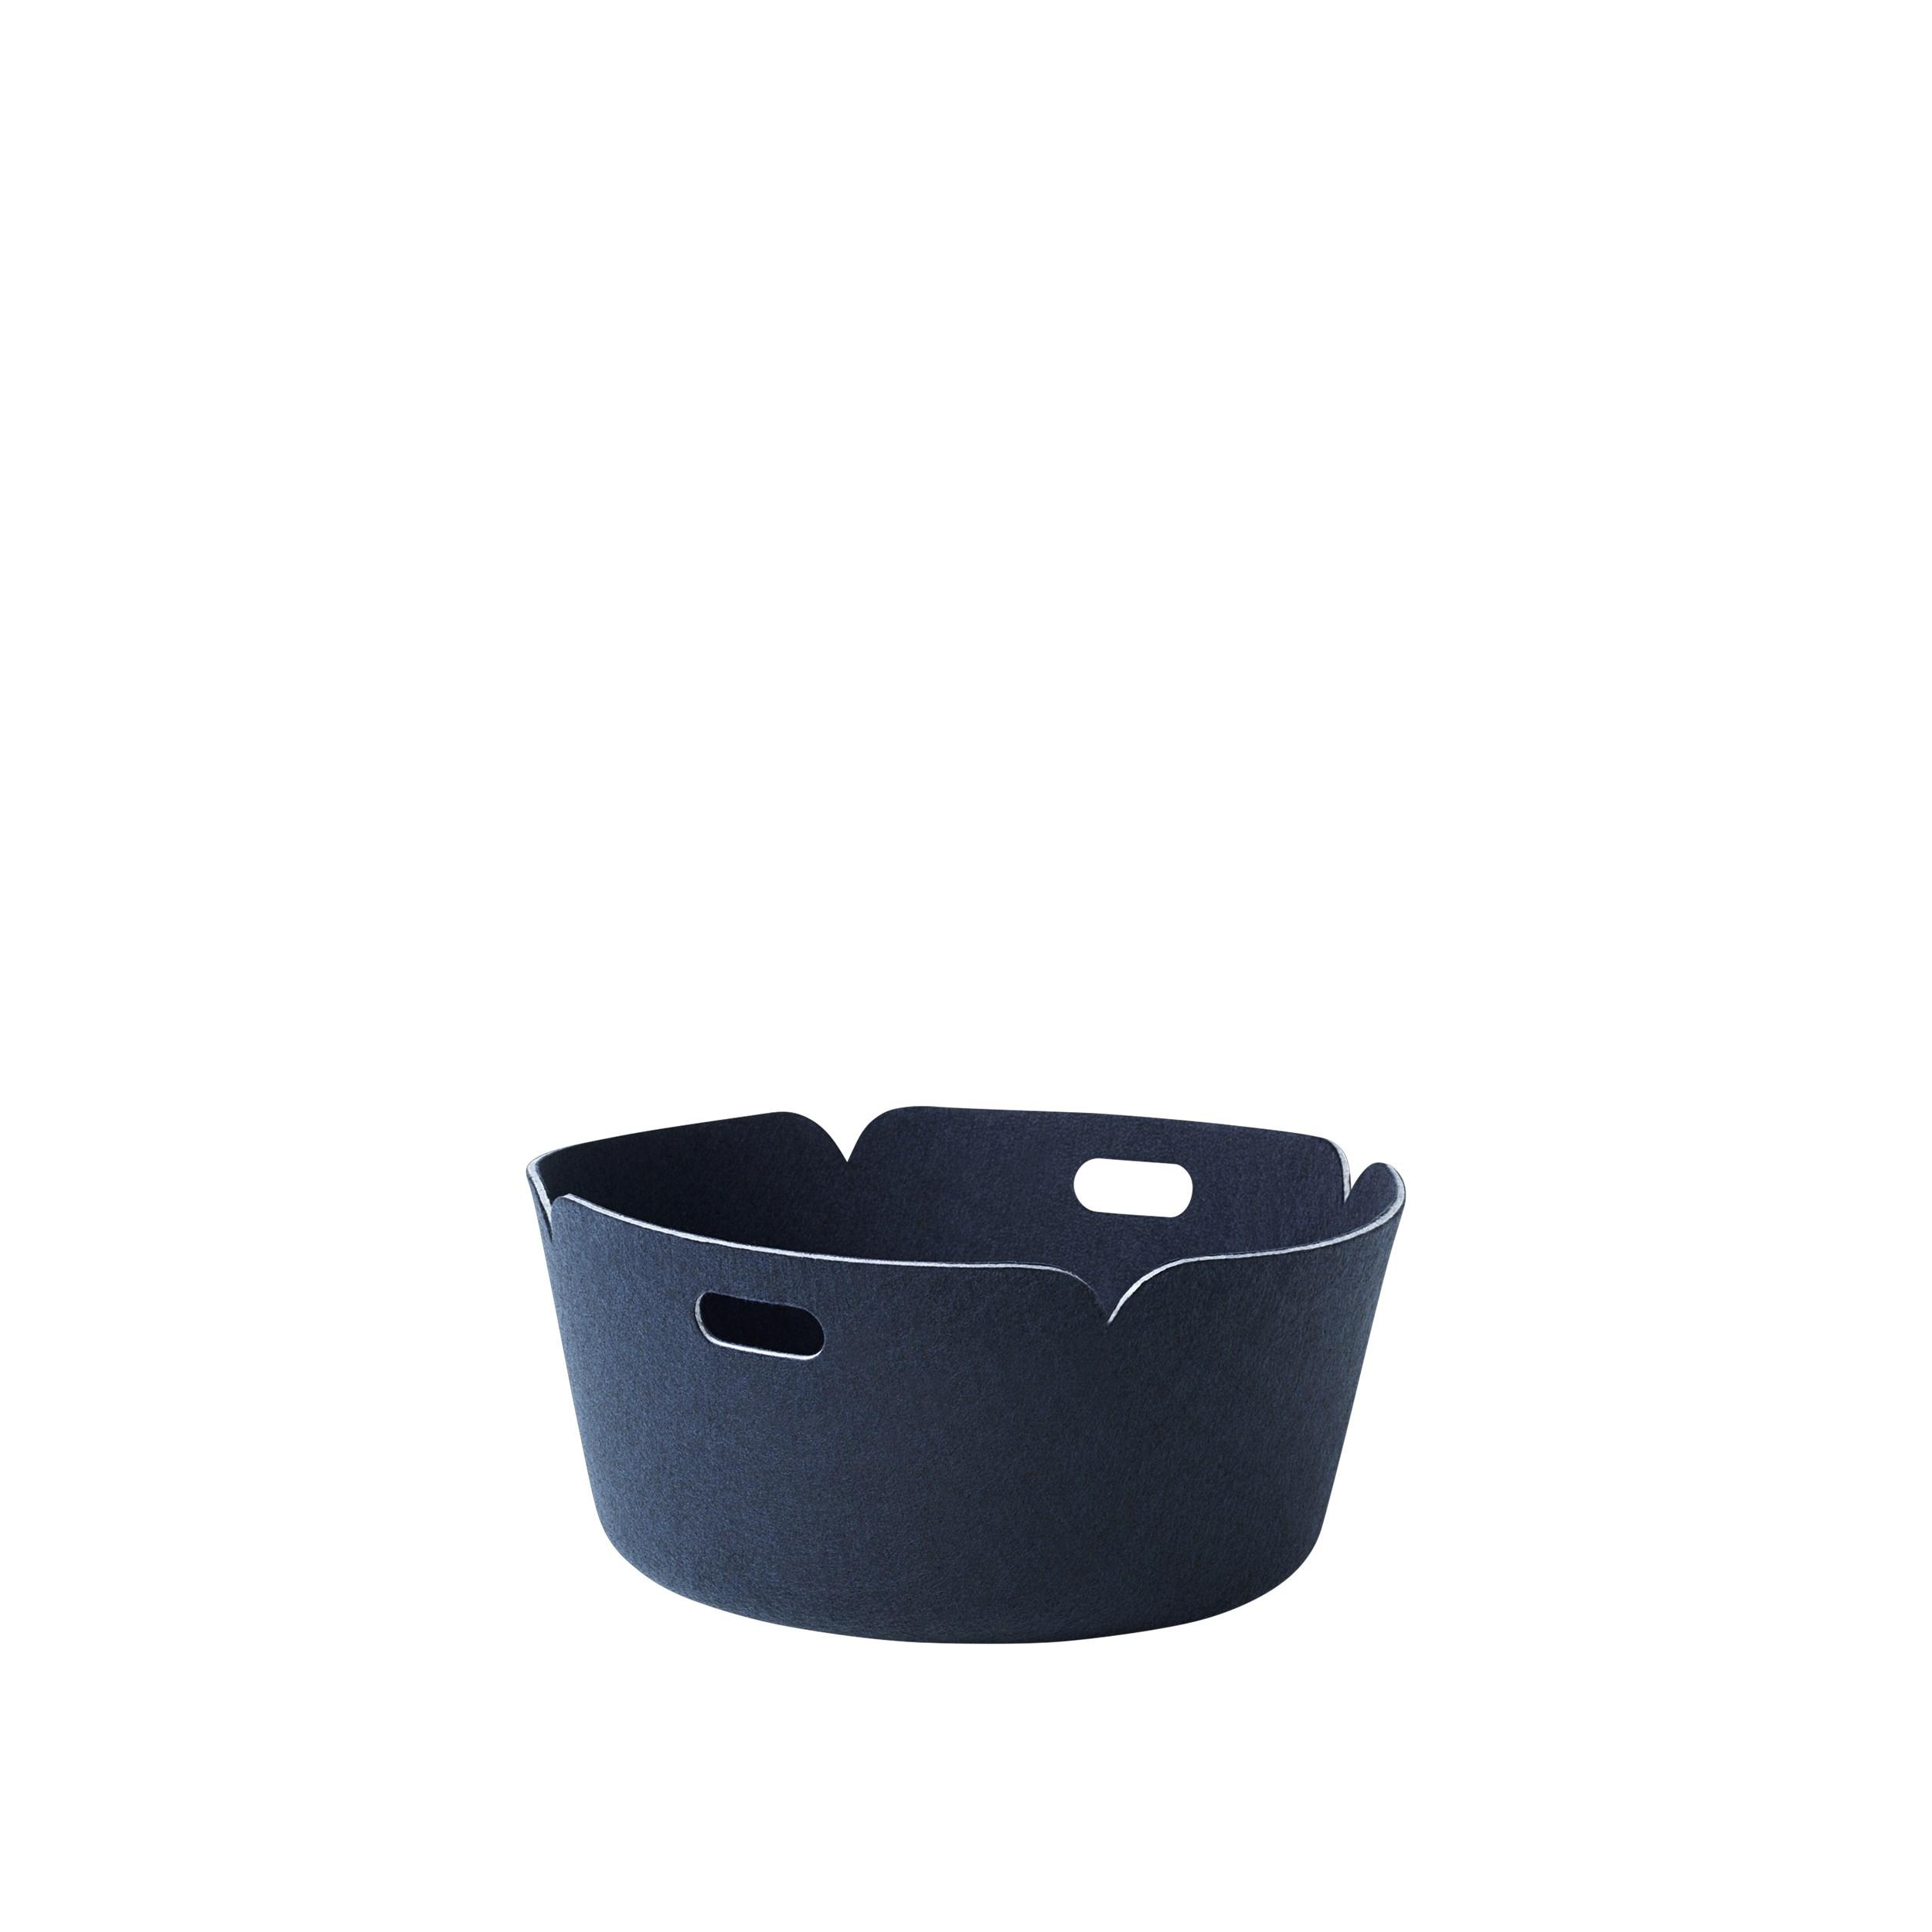 Restore basket round midnight blue